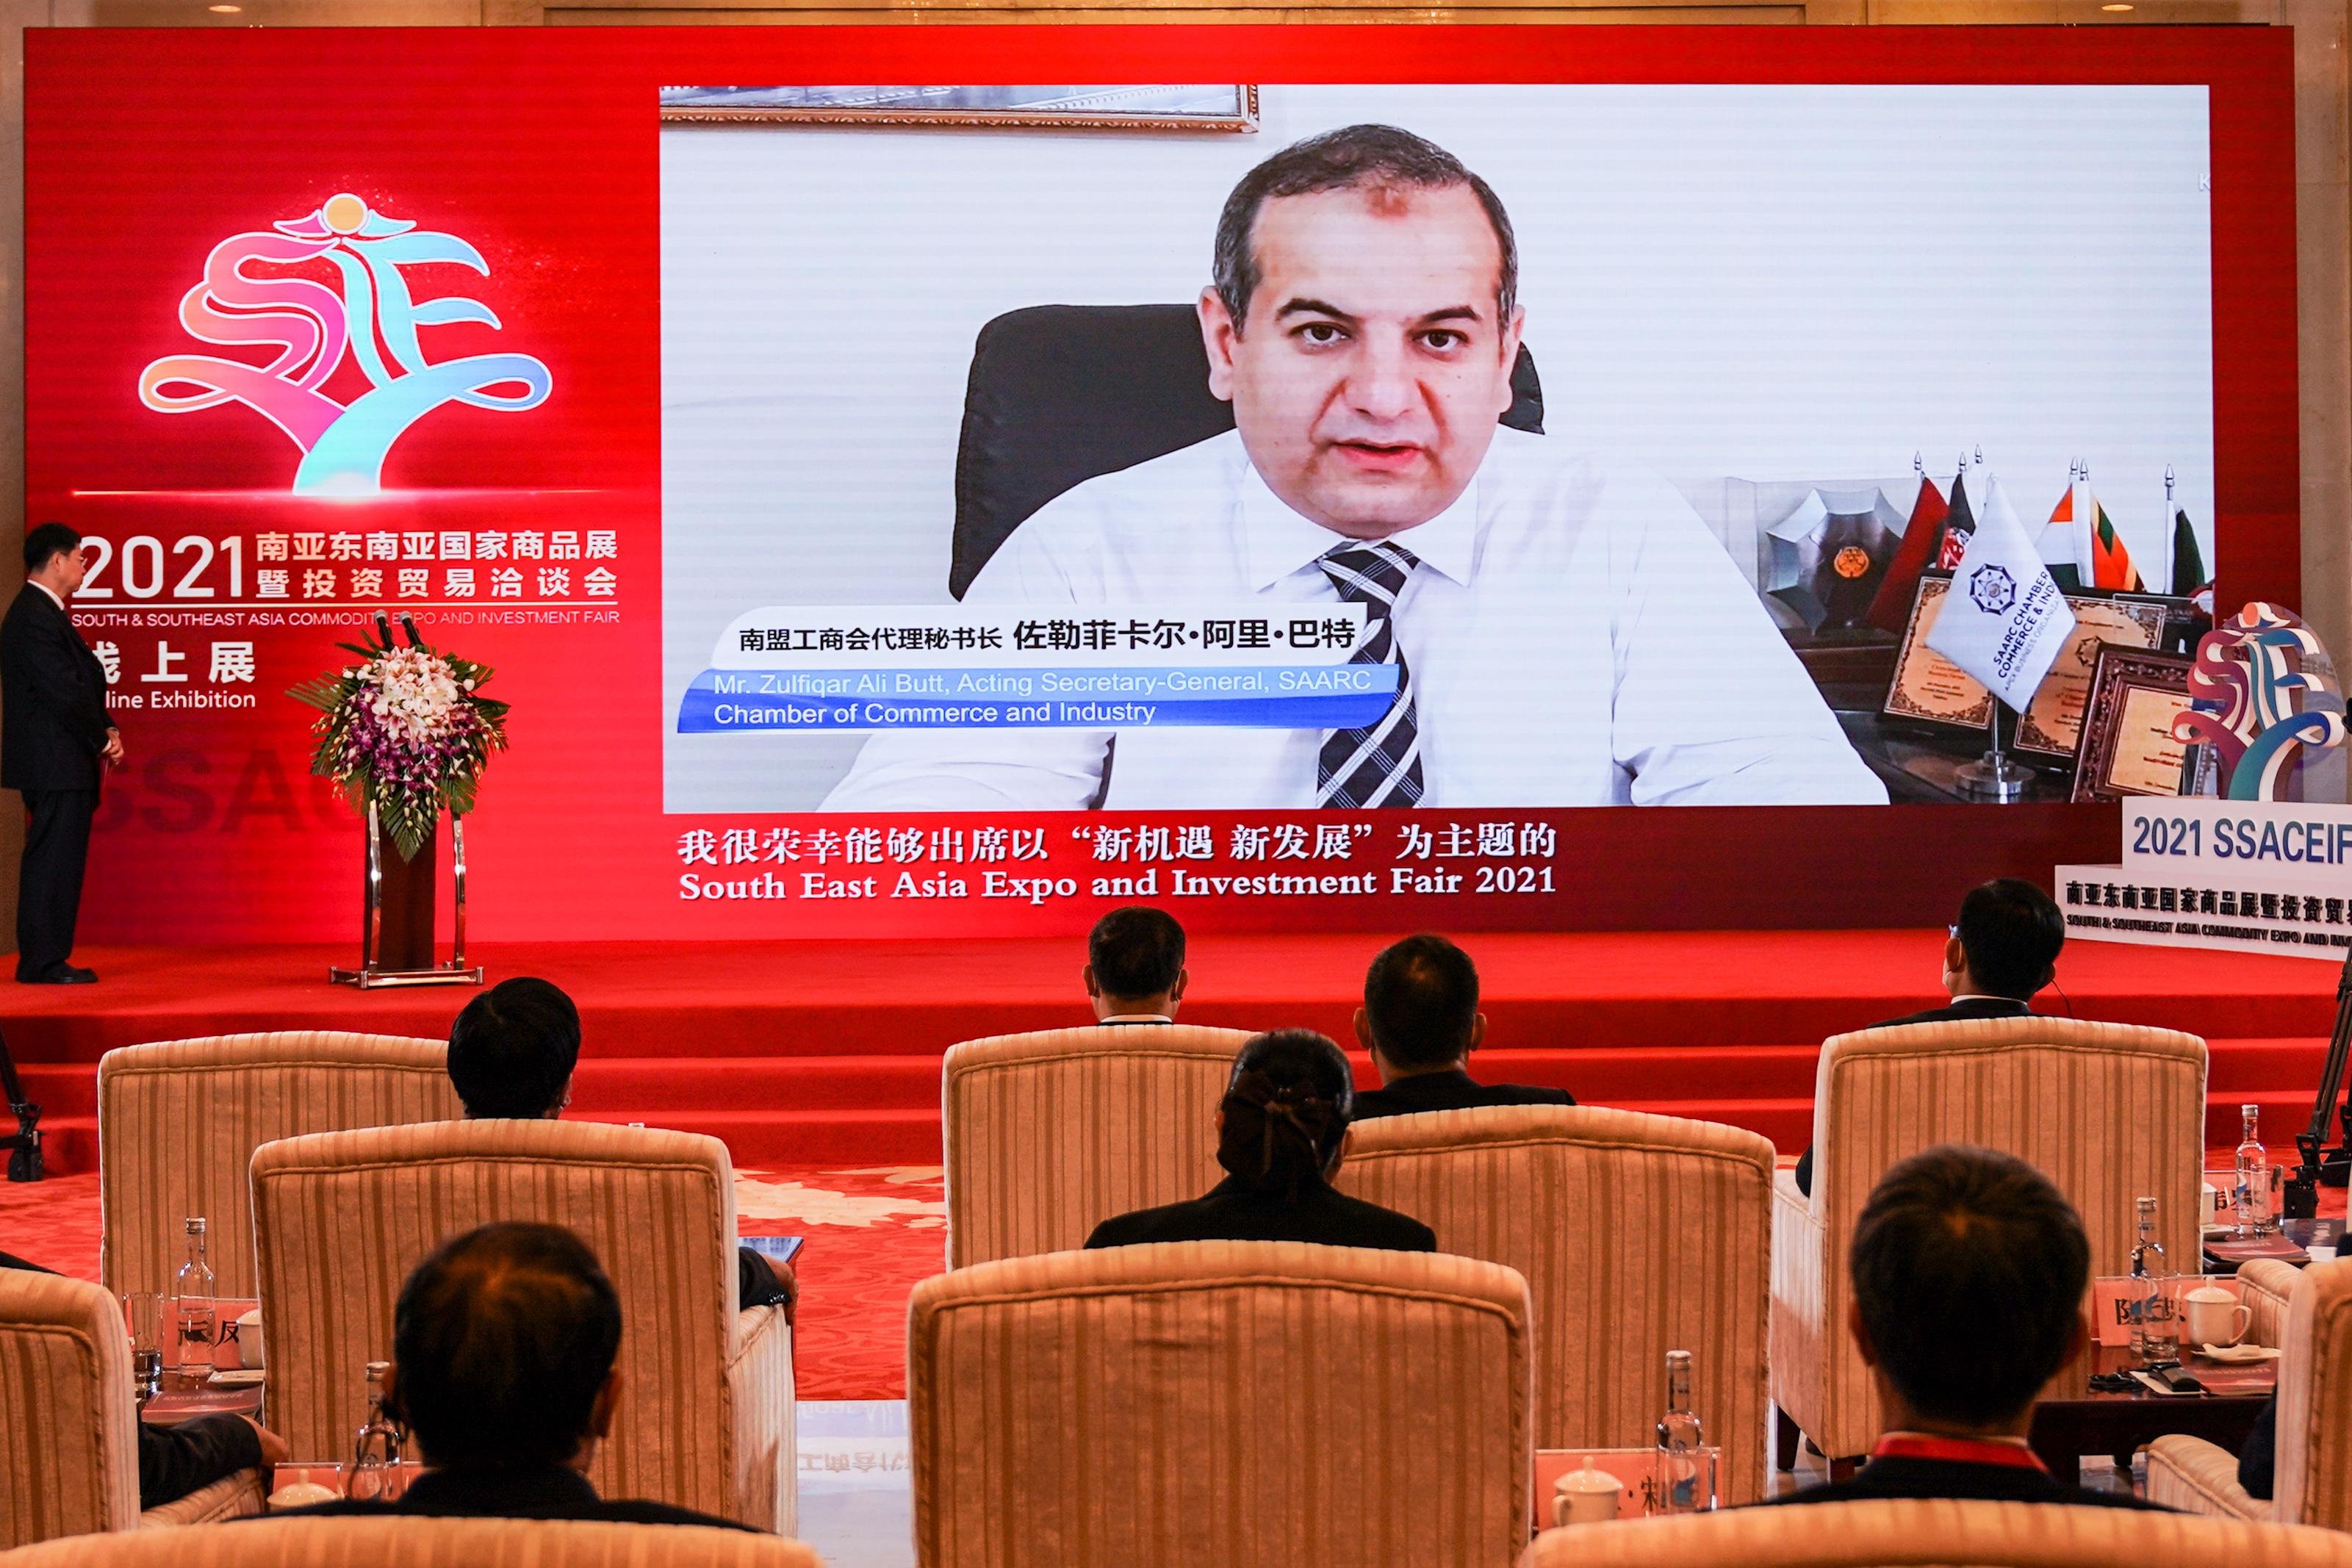 图为南盟工商户代理秘书长 佐勒菲卡尔 阿里 巴特在开幕式上视频连线致辞